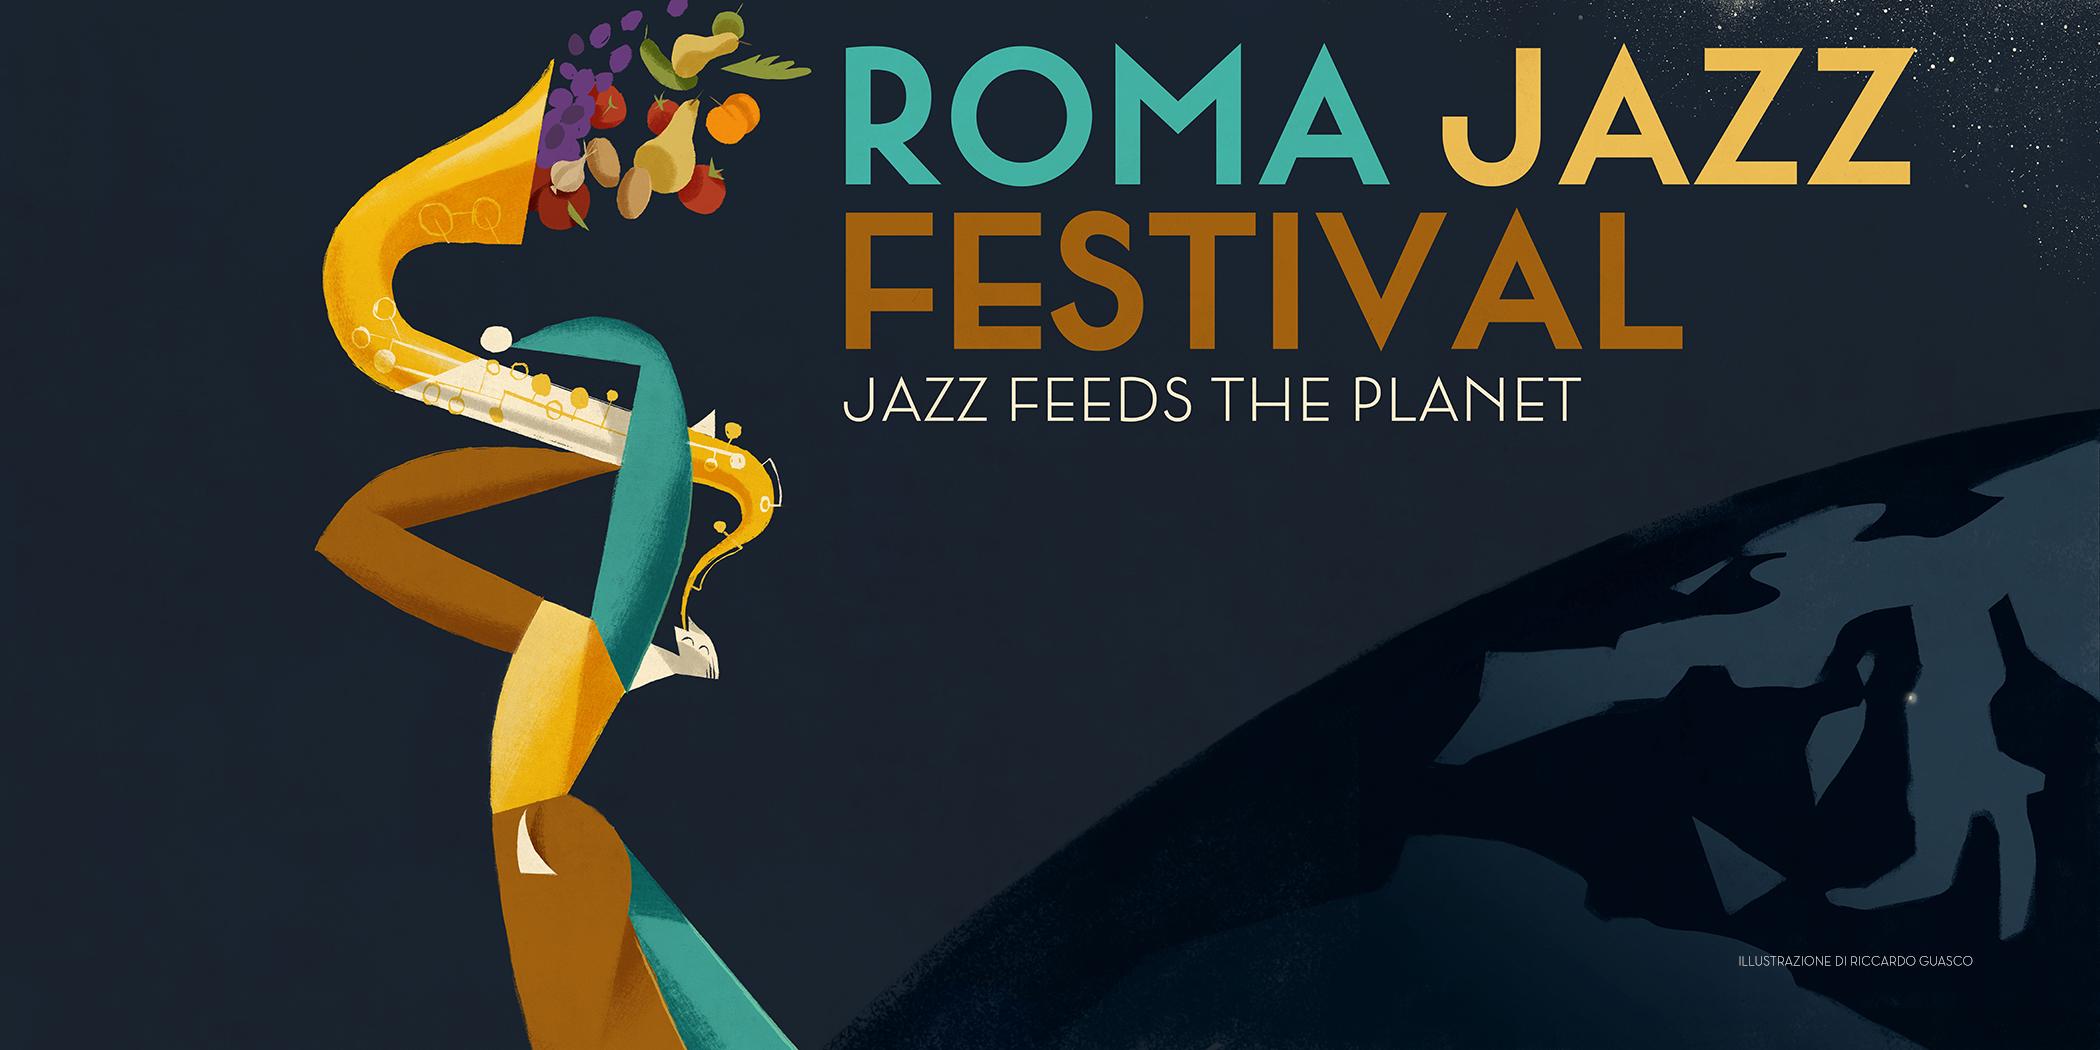 Roma-Jazz-festival-def-orizz-no-logo